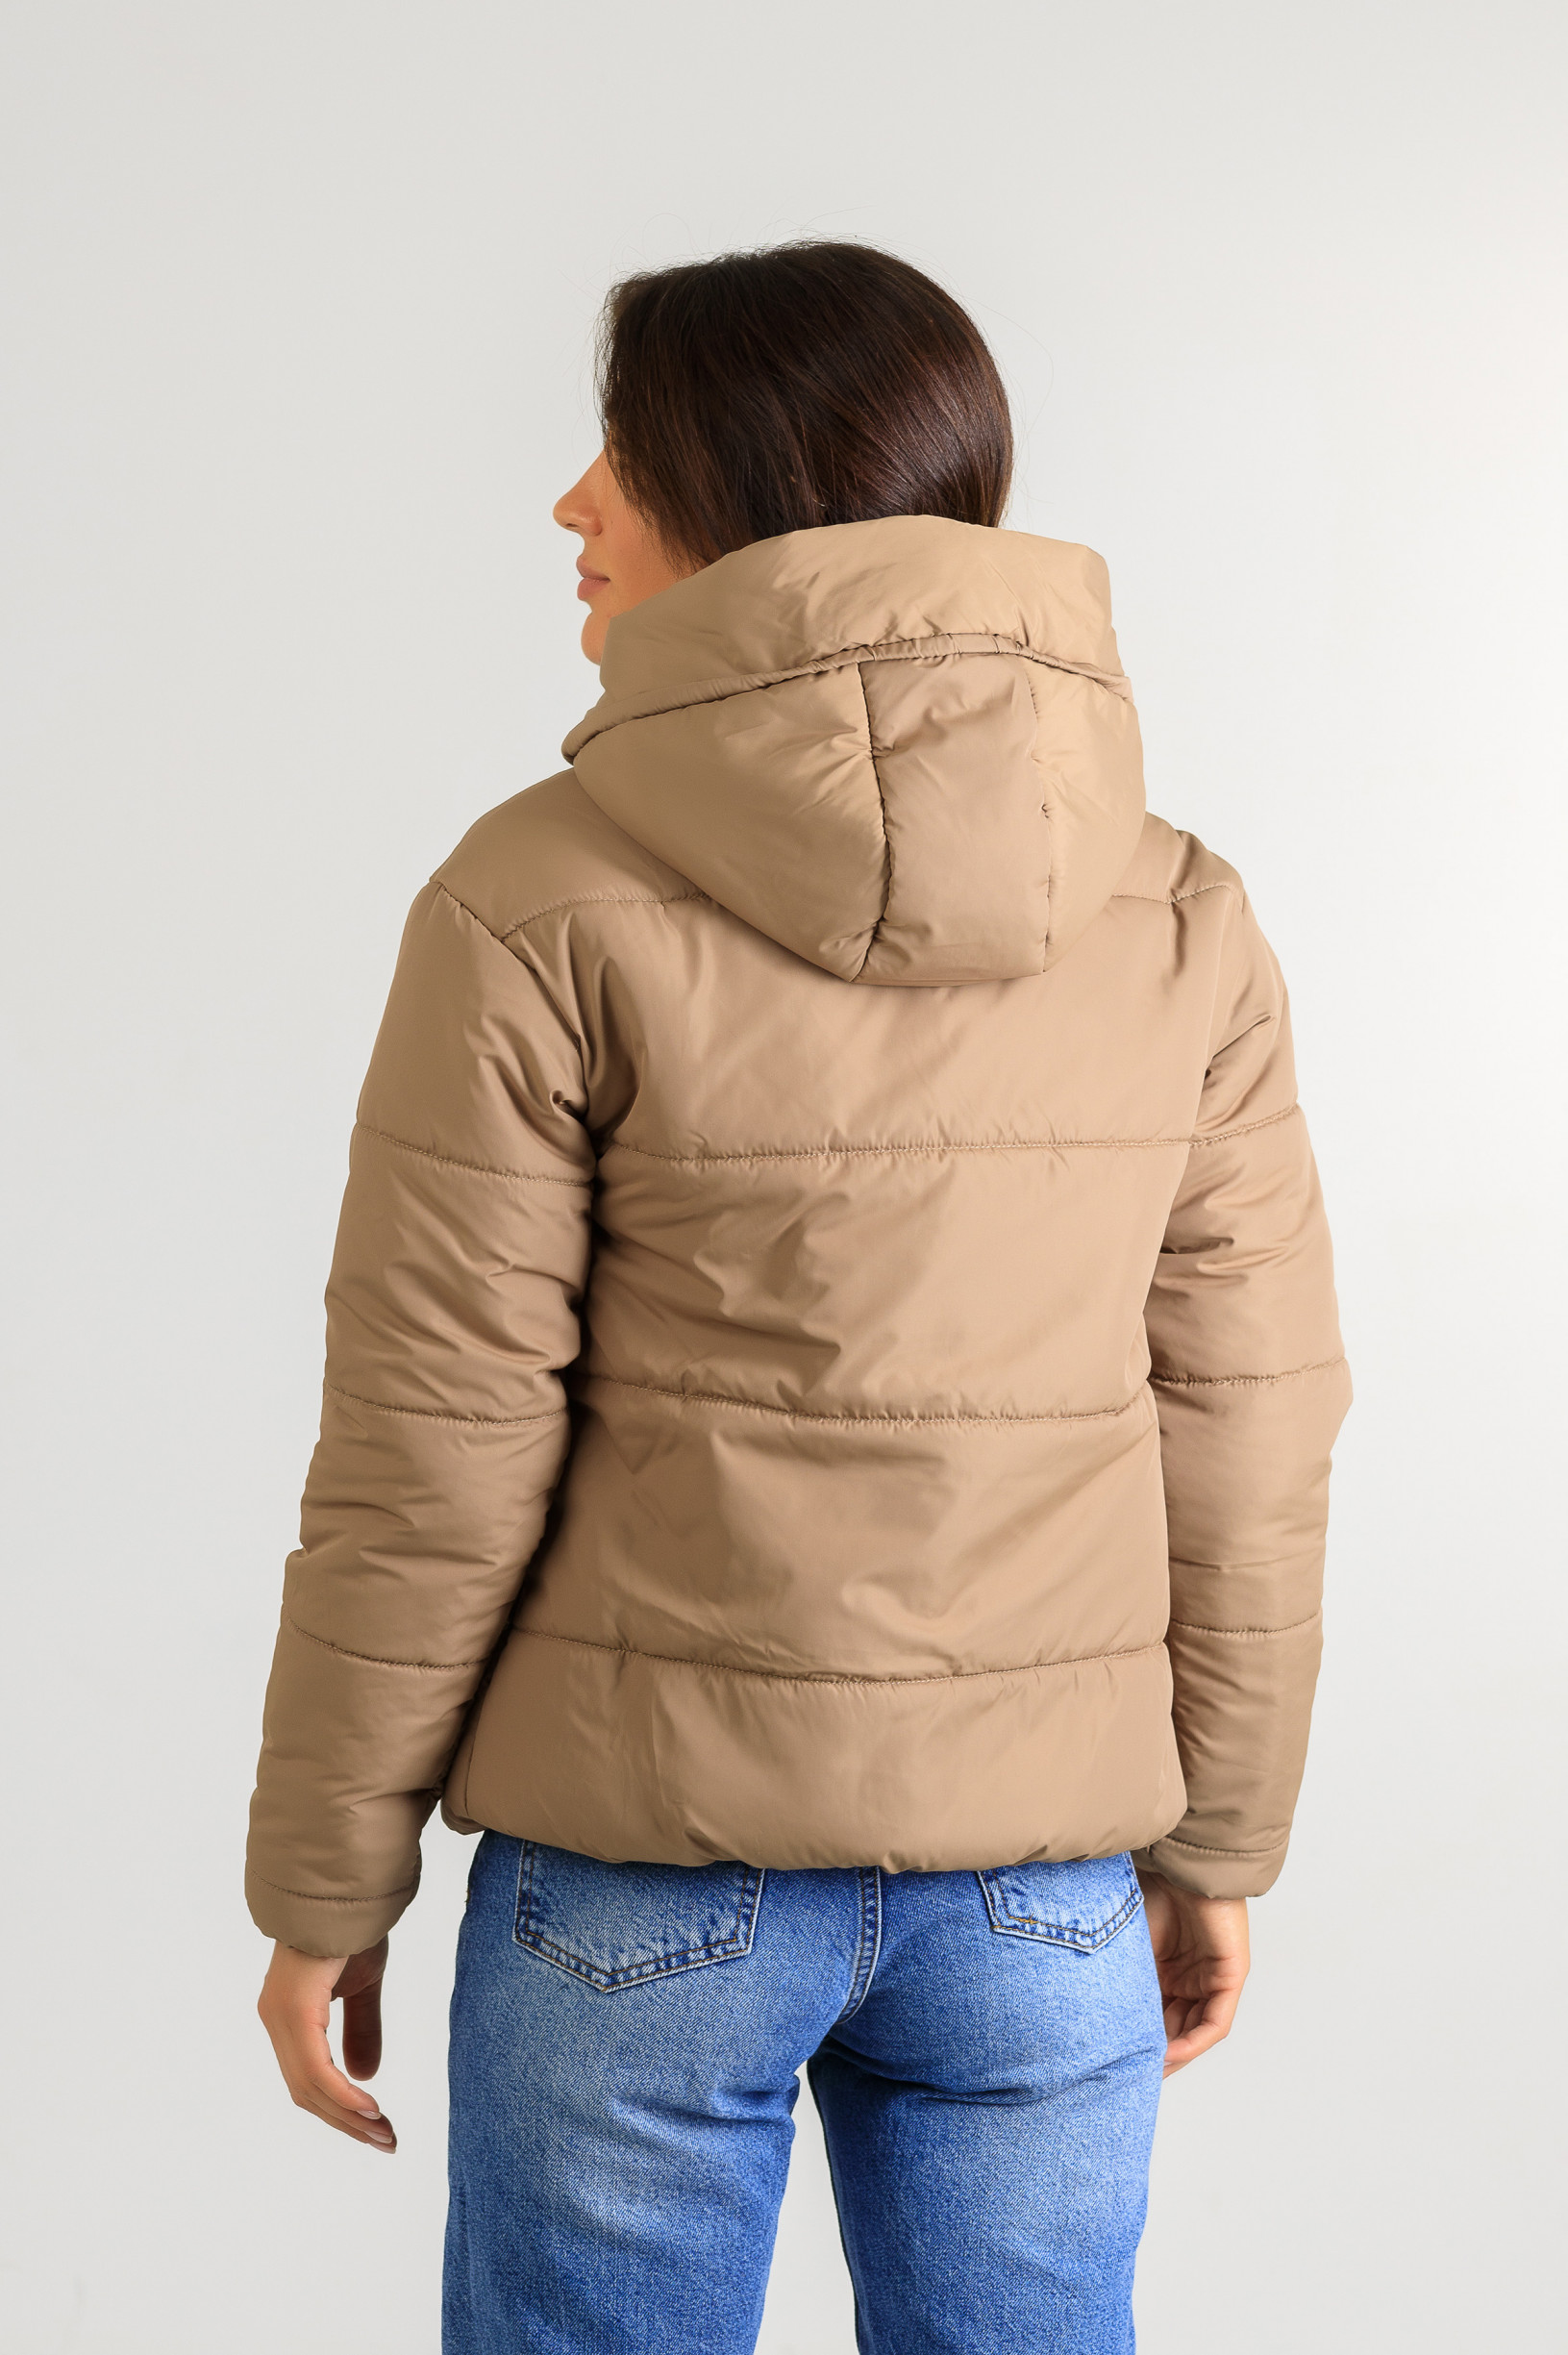 Демисезонная женская стильная куртка Тахо бежевого цвета